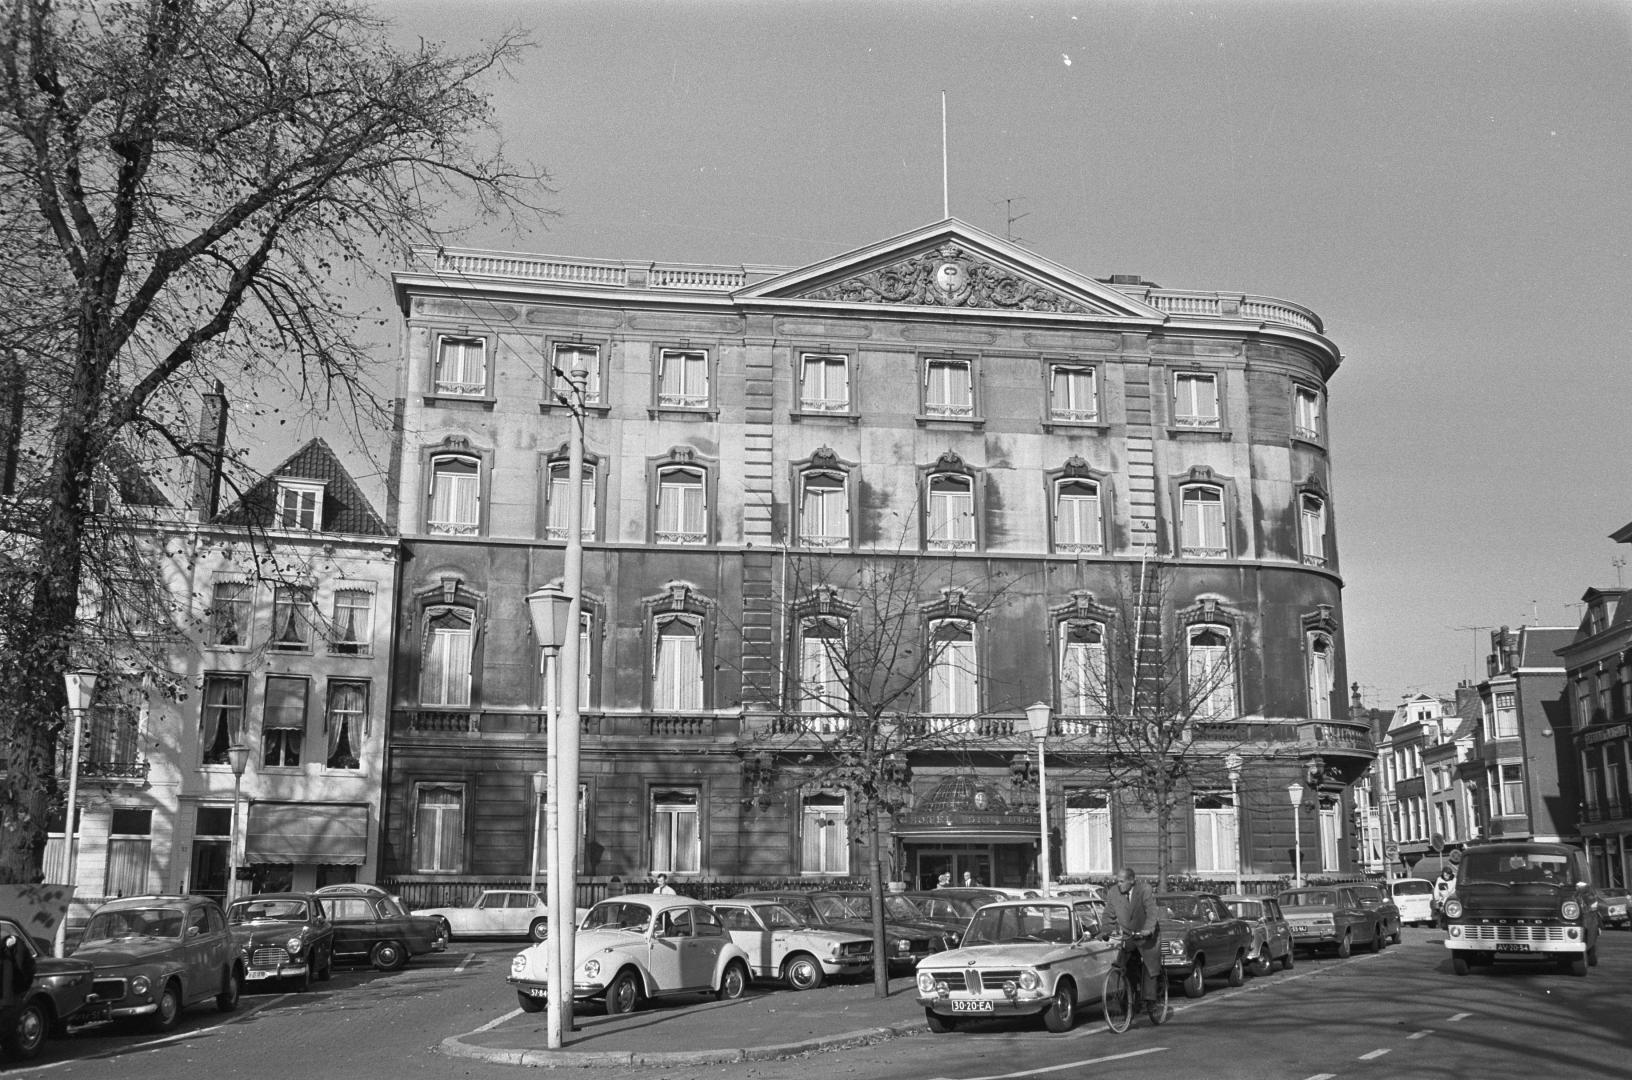 Hotel Des Indes, 28 oktober 1971